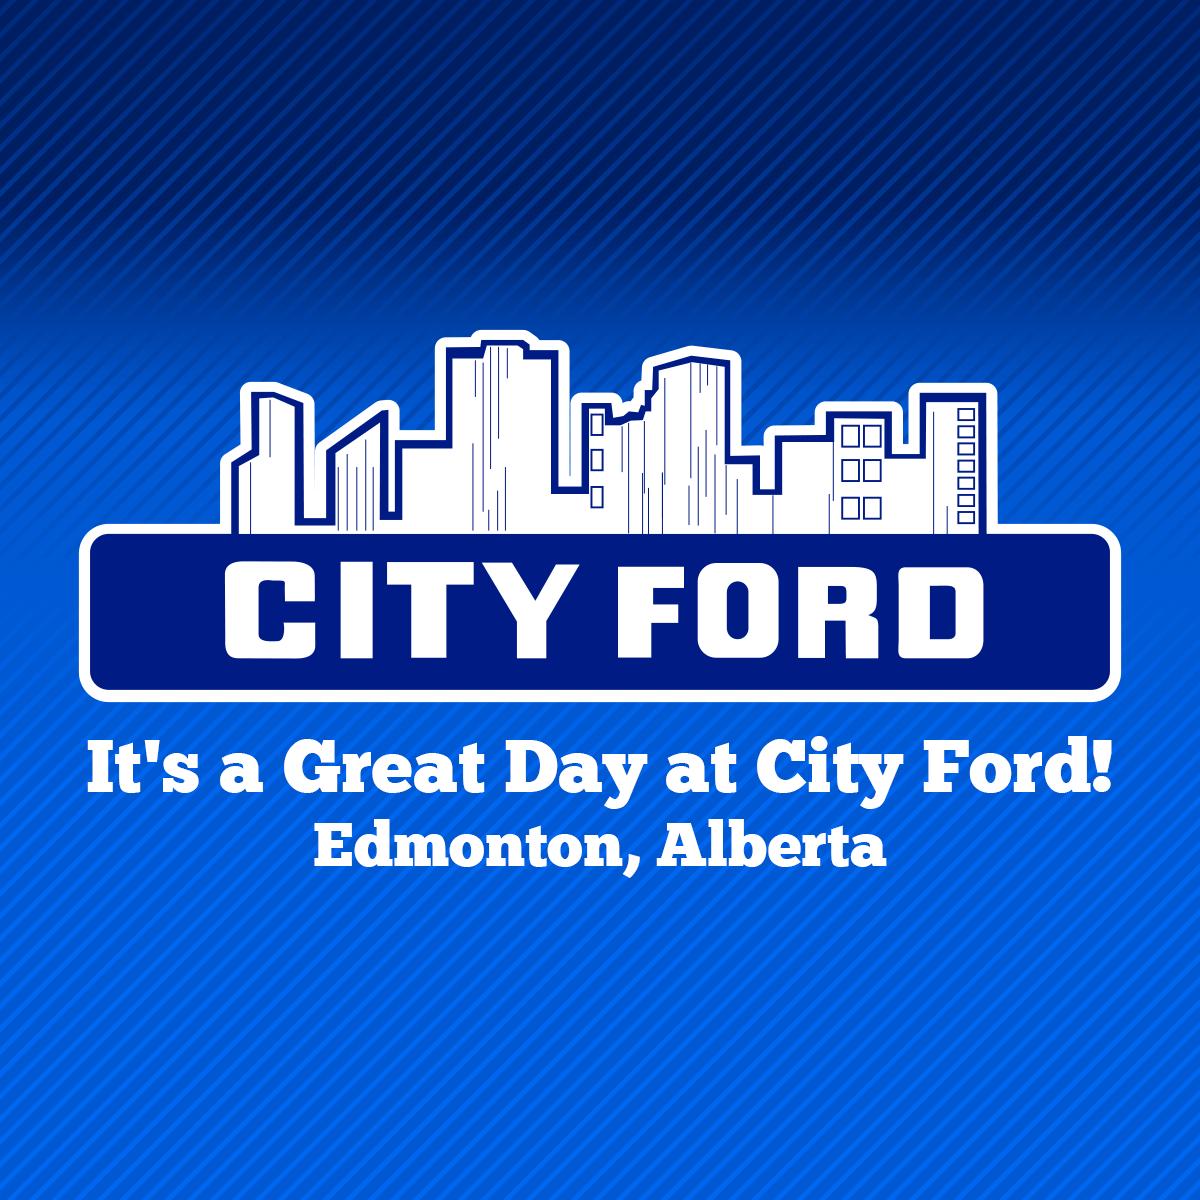 Titan Auto Sales >> City Ford Edmonton, Alberta - New & Used Cars, Trucks & SUVs Sales